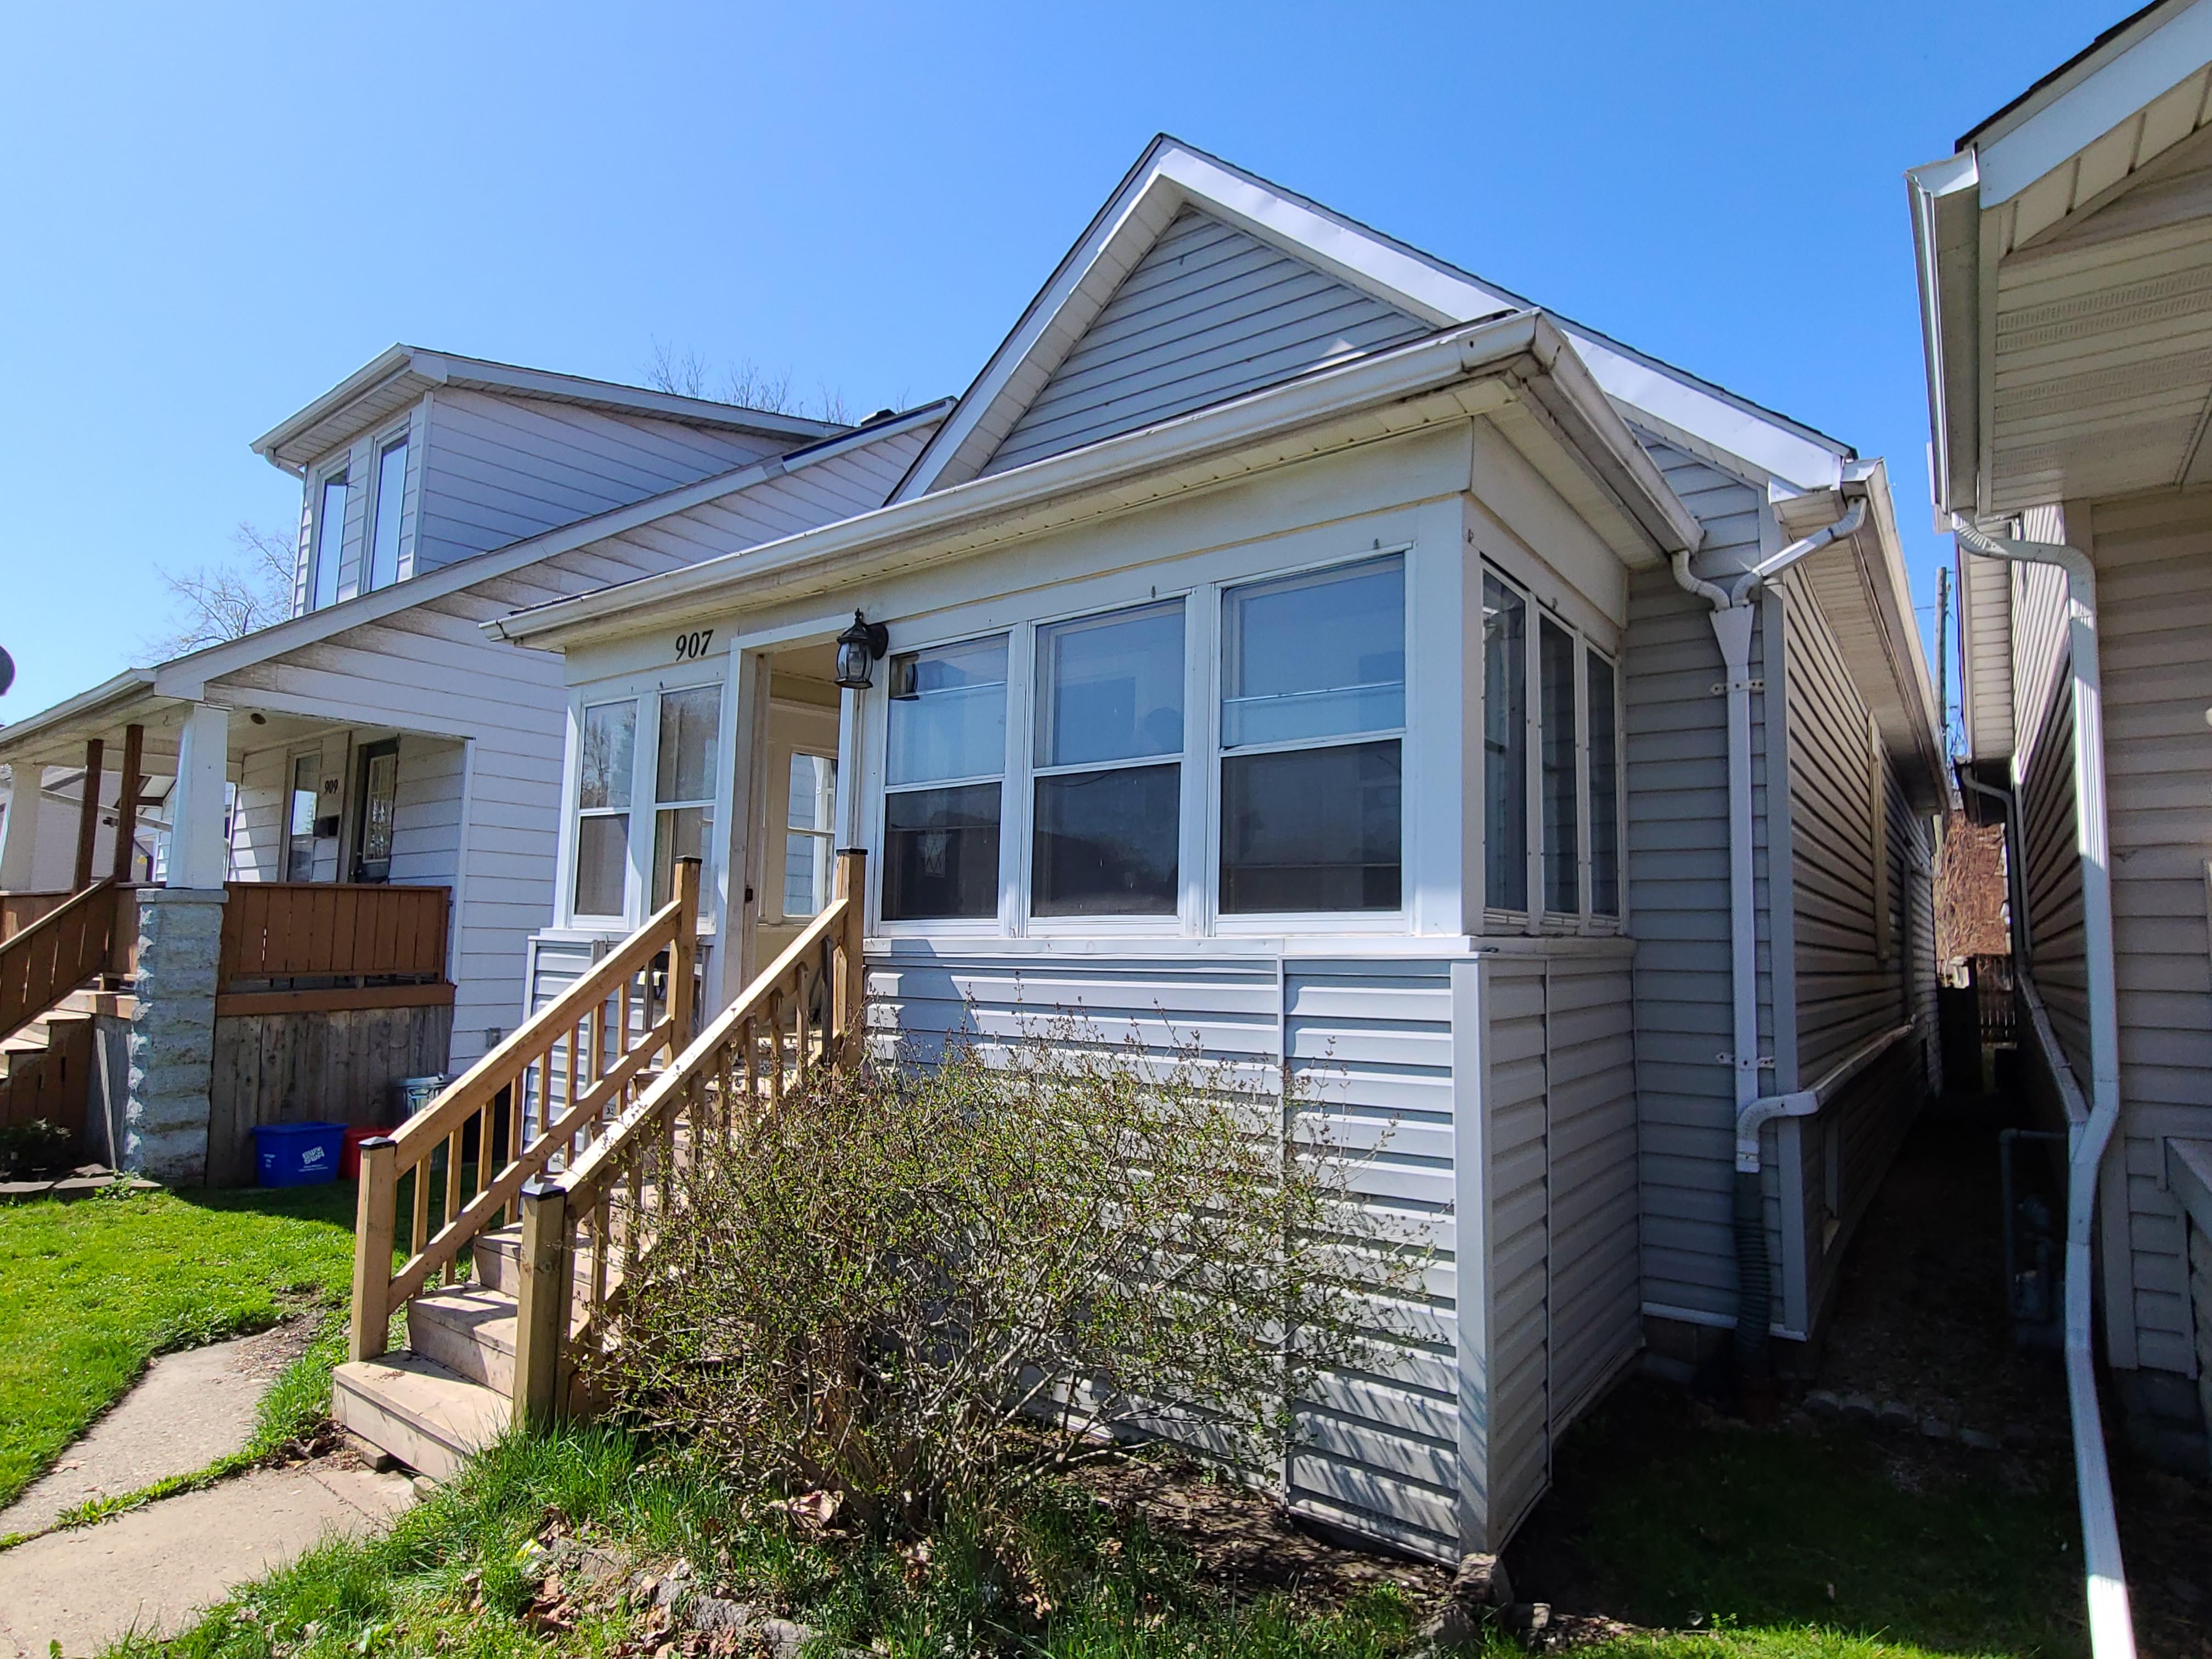 907 Bridge Ave, Windsor, Ontario    - Photo 3 - RP8818198460